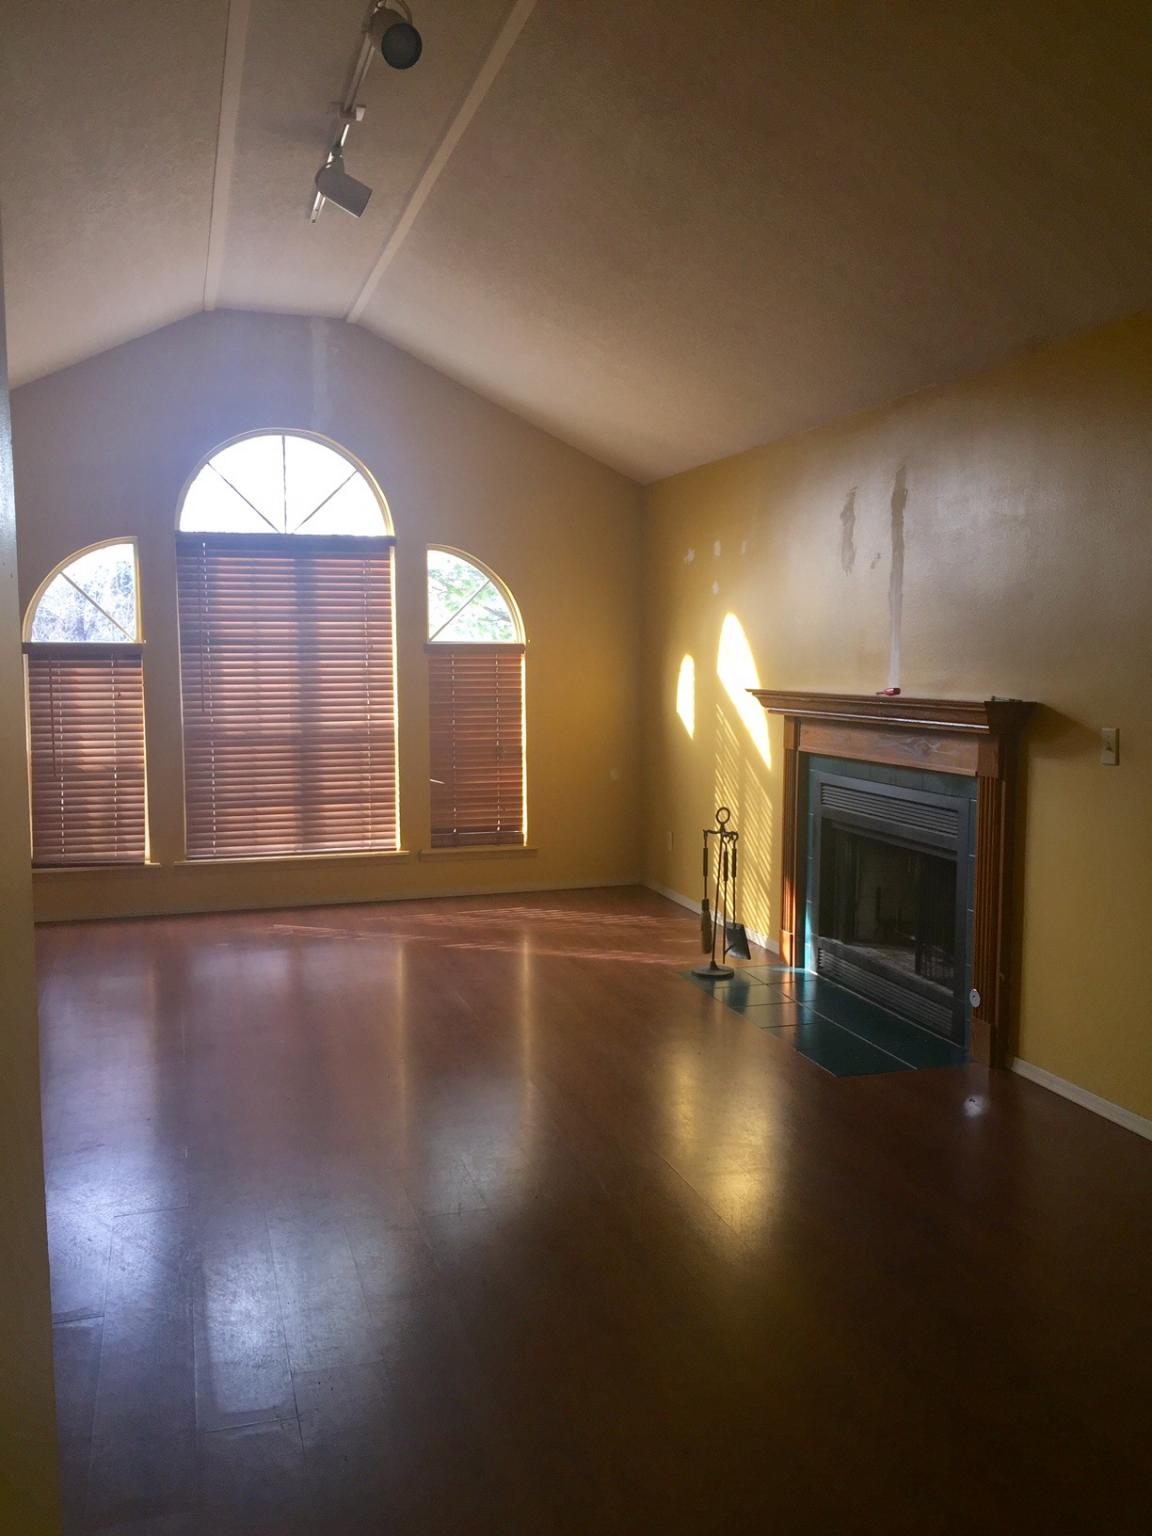 2451 E Ferguson Ave For Rent - Fayetteville, AR | Trulia